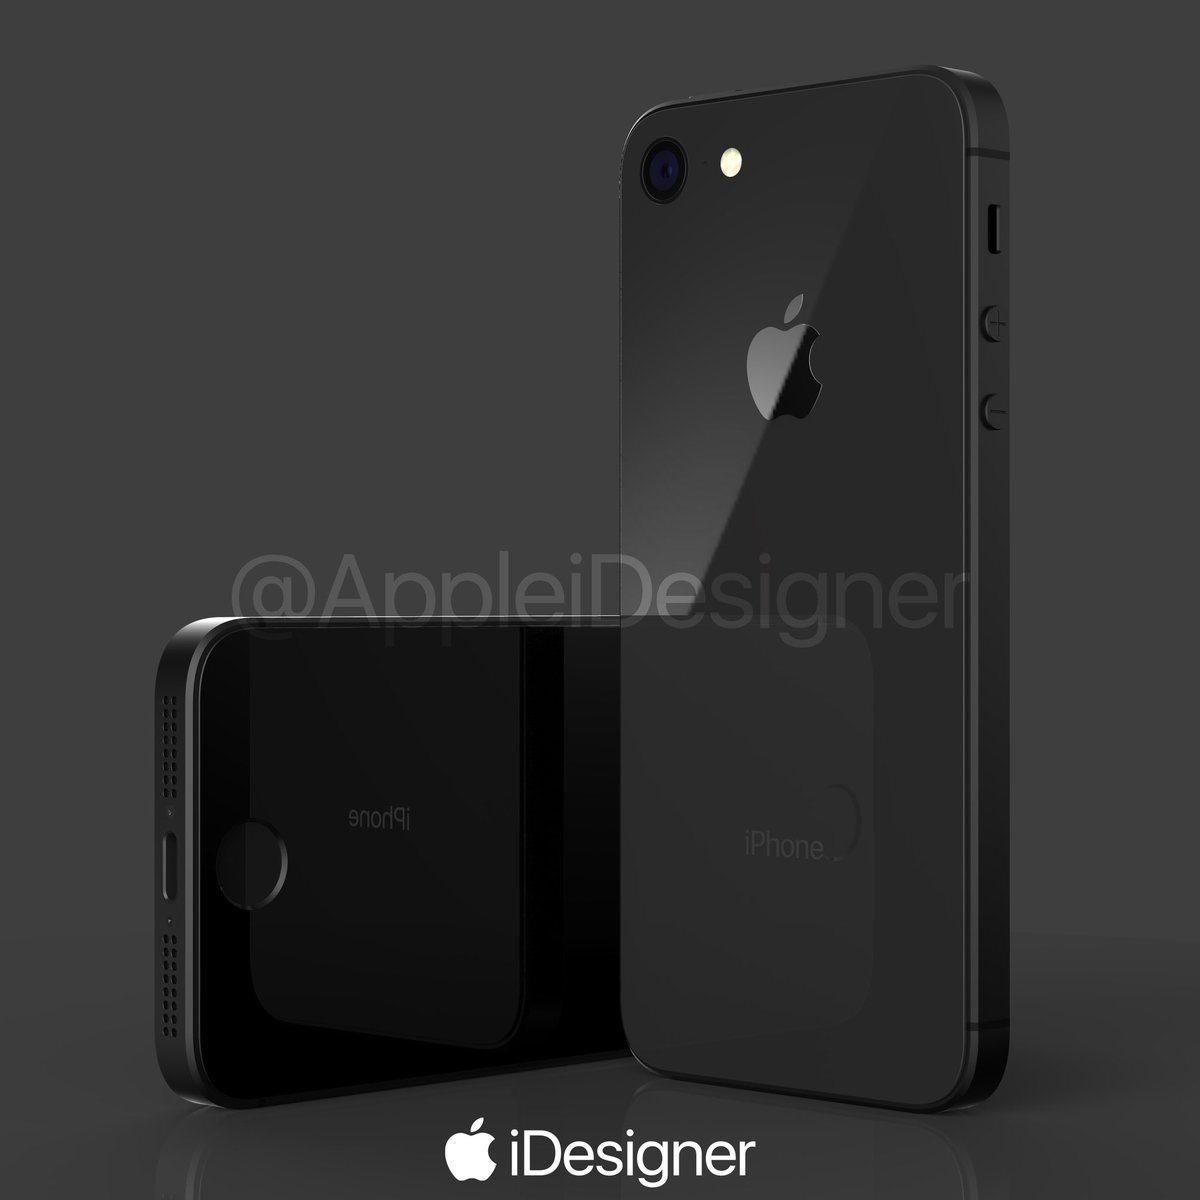 Ngắm iPhone SE 2 khoe dáng lung linh trong bộ ảnh mới 8